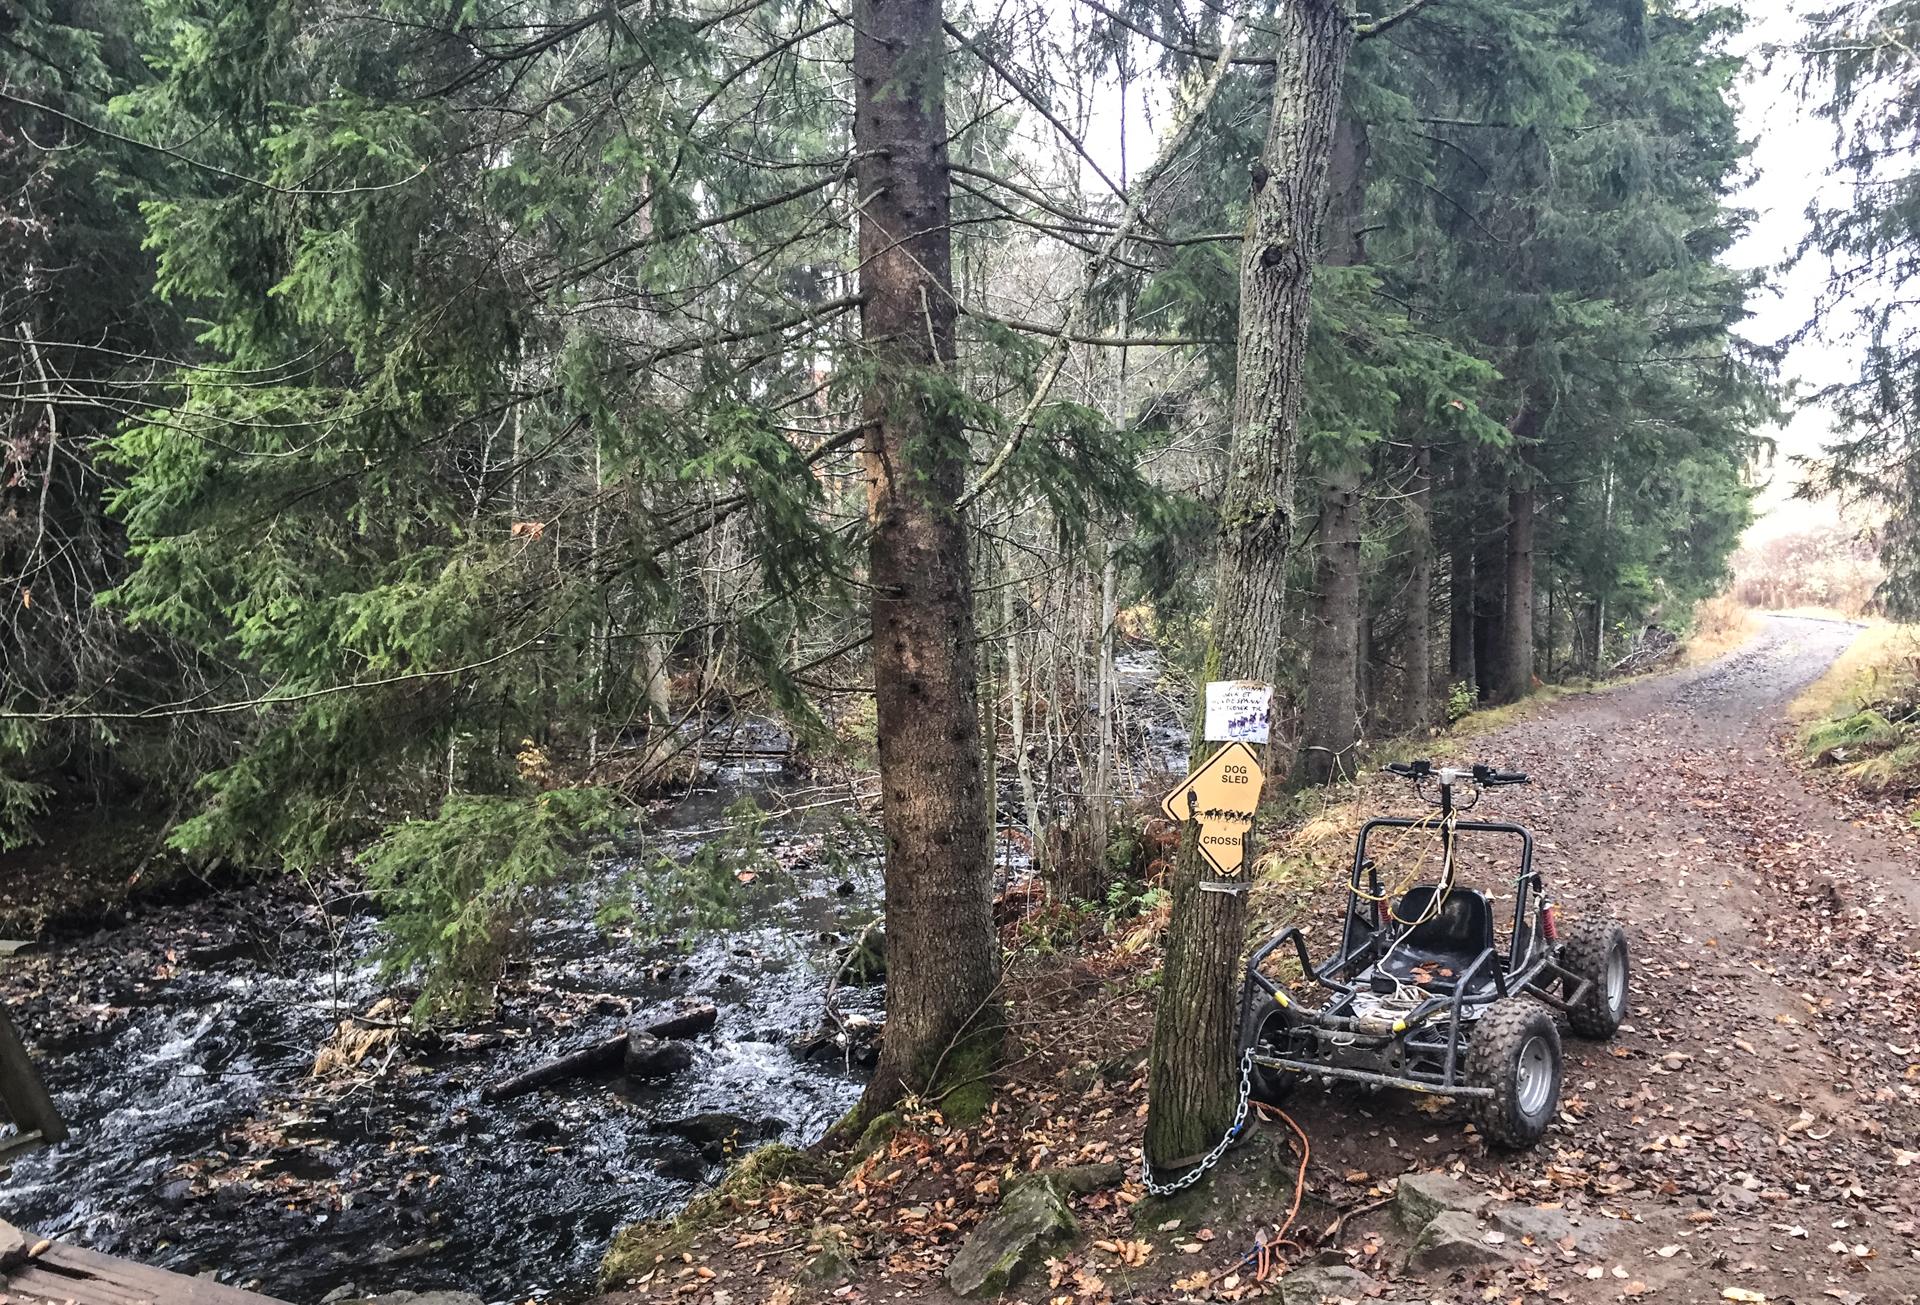 """""""Denne vogna brukes til trening til Finnmarksløpet. La den være i fred"""", står det på treet. Her er det noen som tydeligvis har det moro i skogen."""